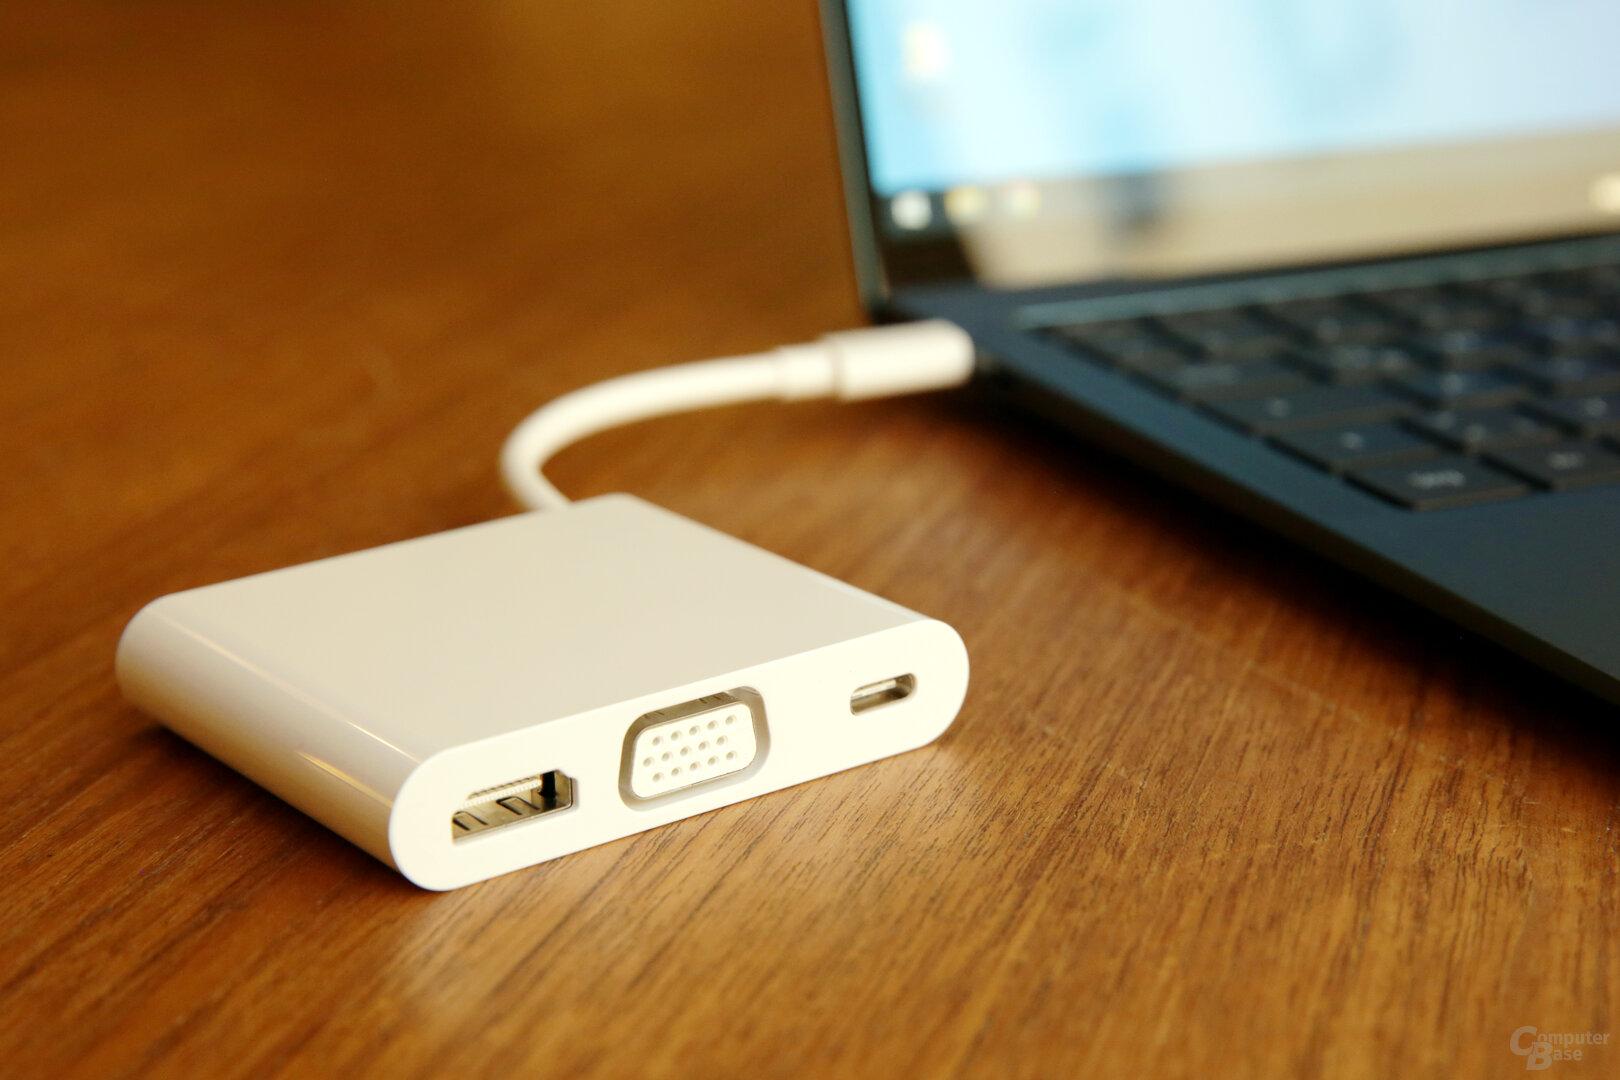 USB-C-Dock im Lieferumfang (bietet USB Typ A auf der Rückseite)